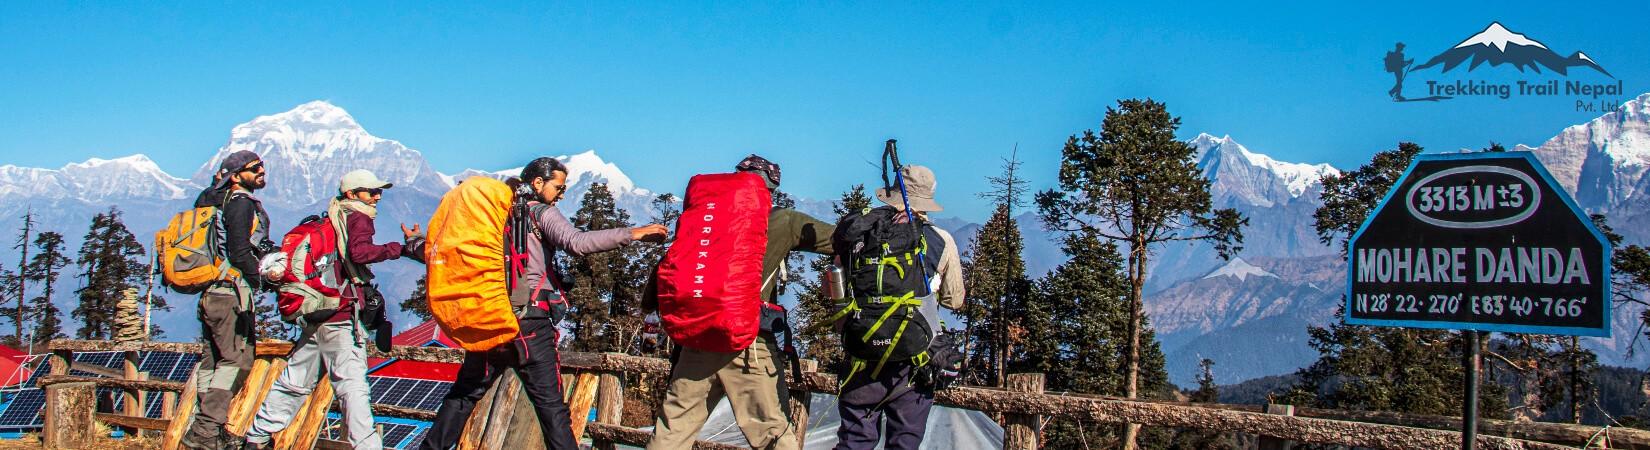 Trek in Nepal 2022 - Mohare Danda